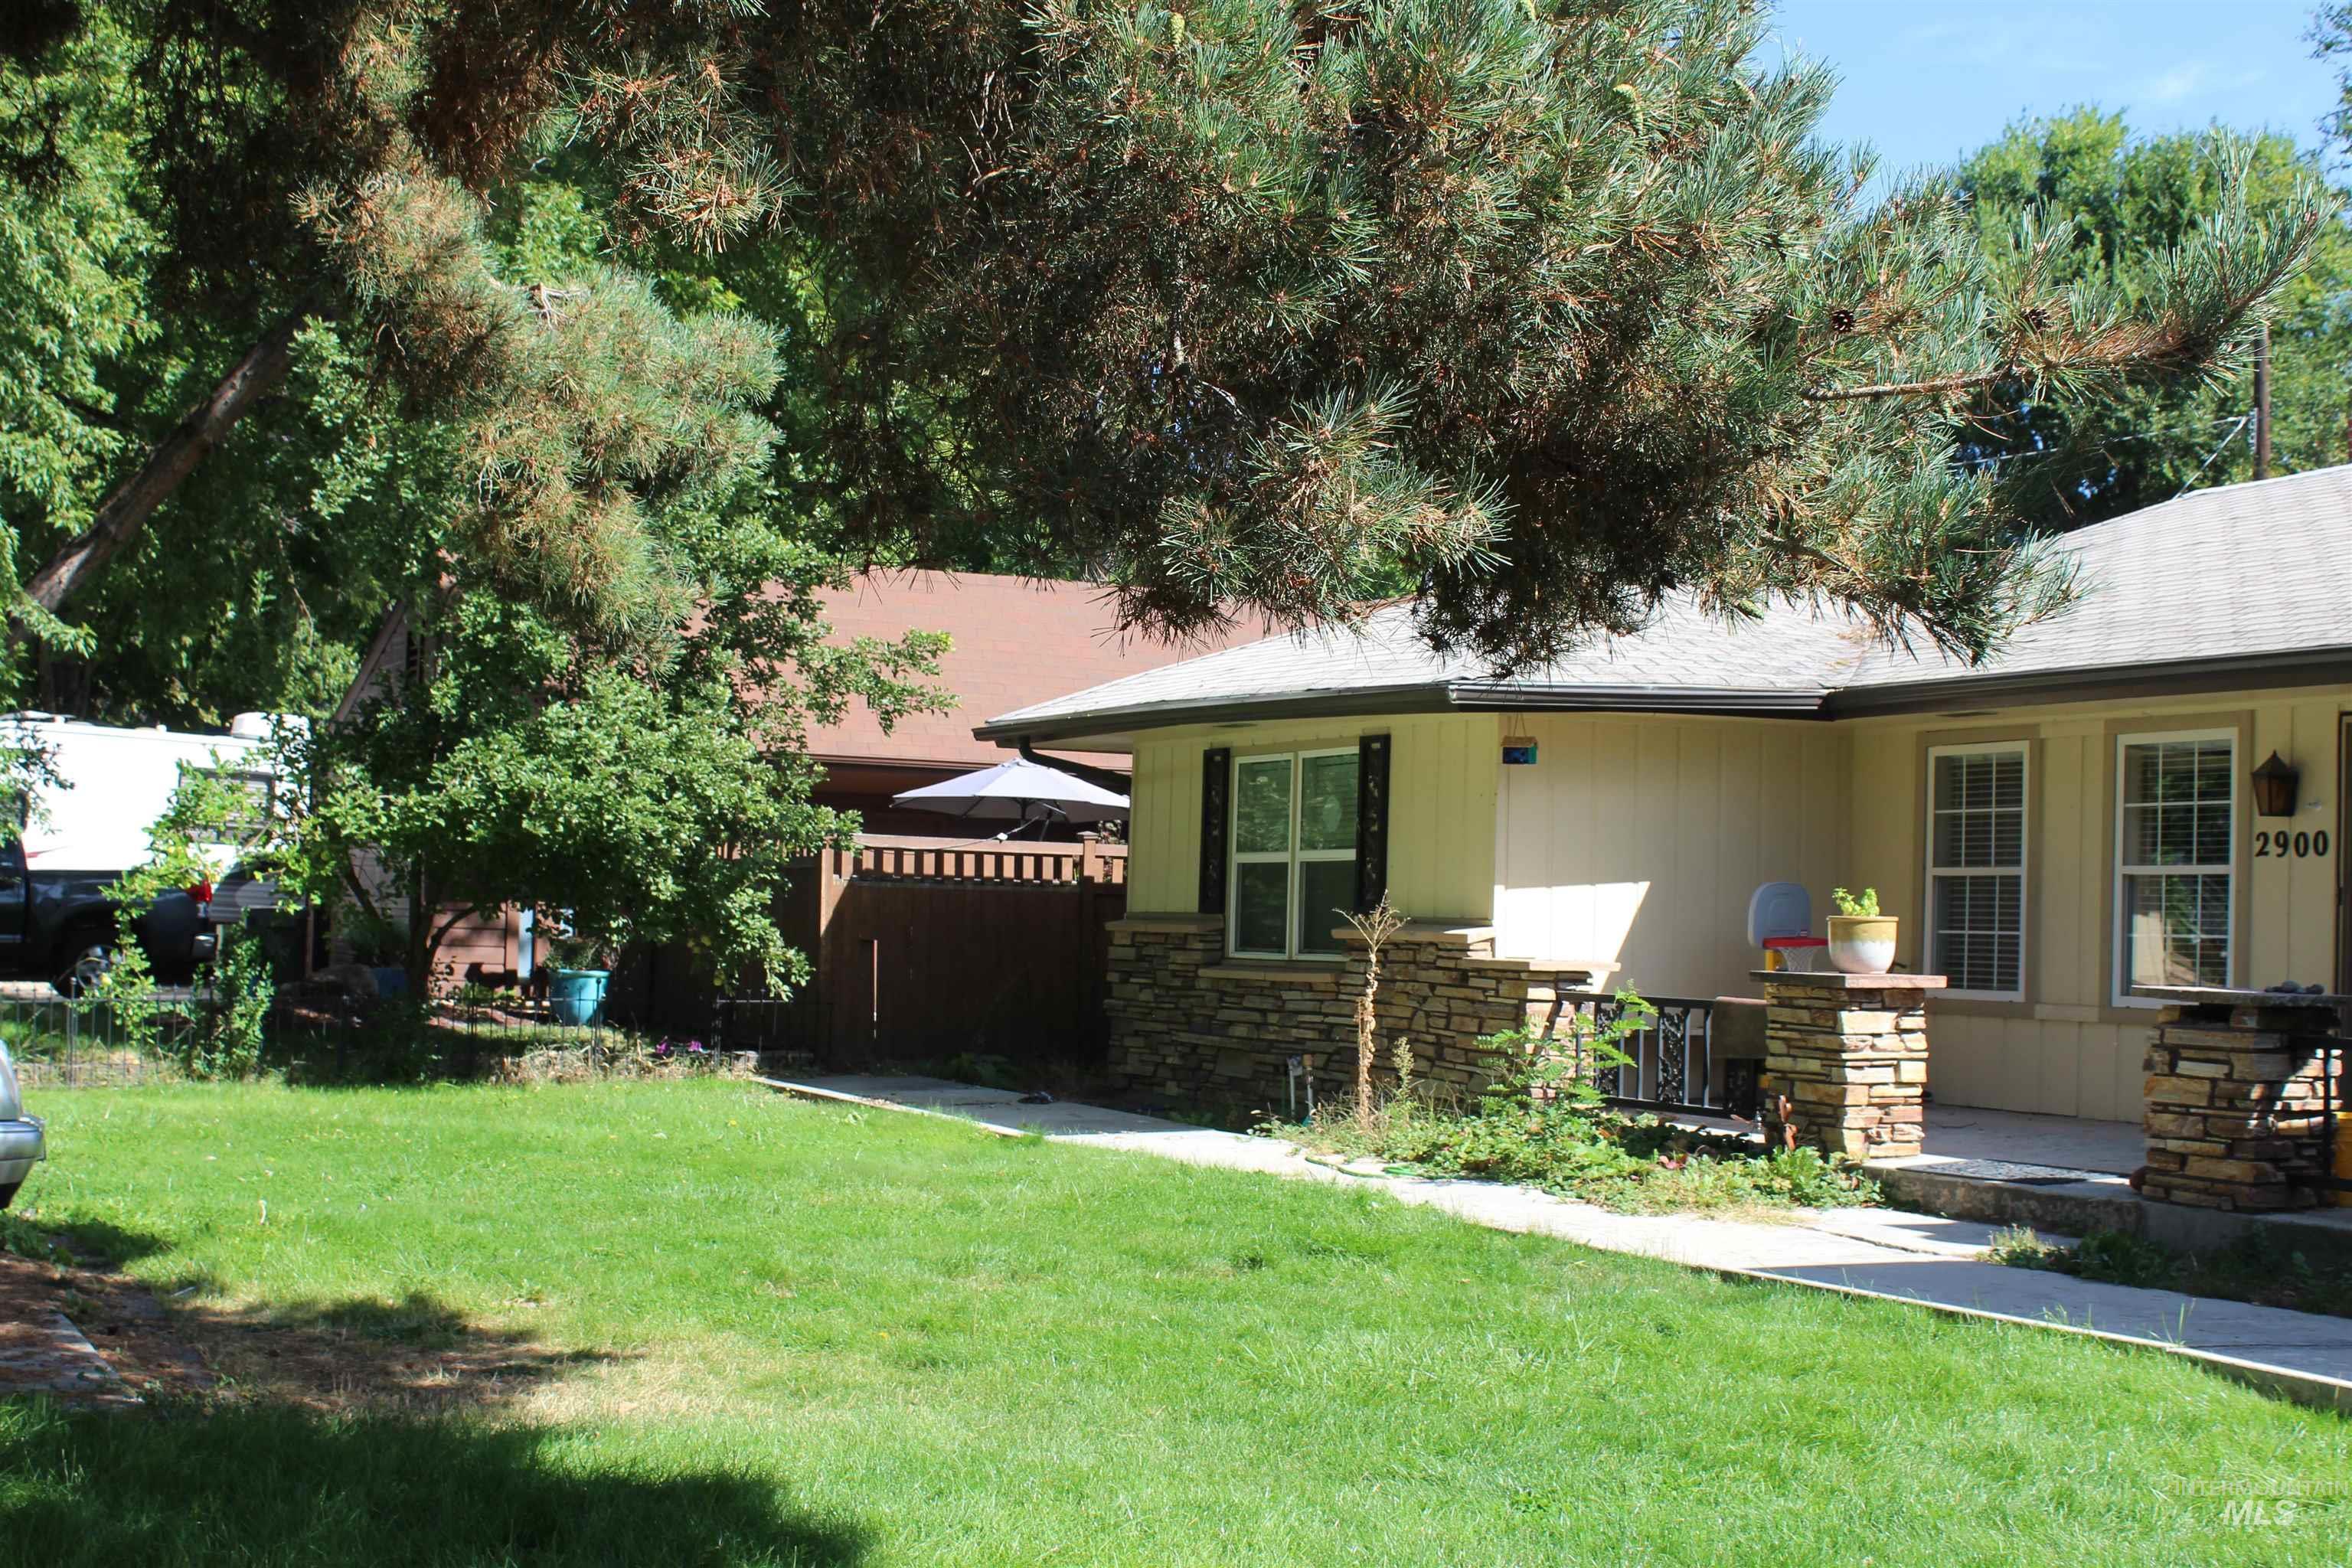 2900 N Tamarack Property Photo 2